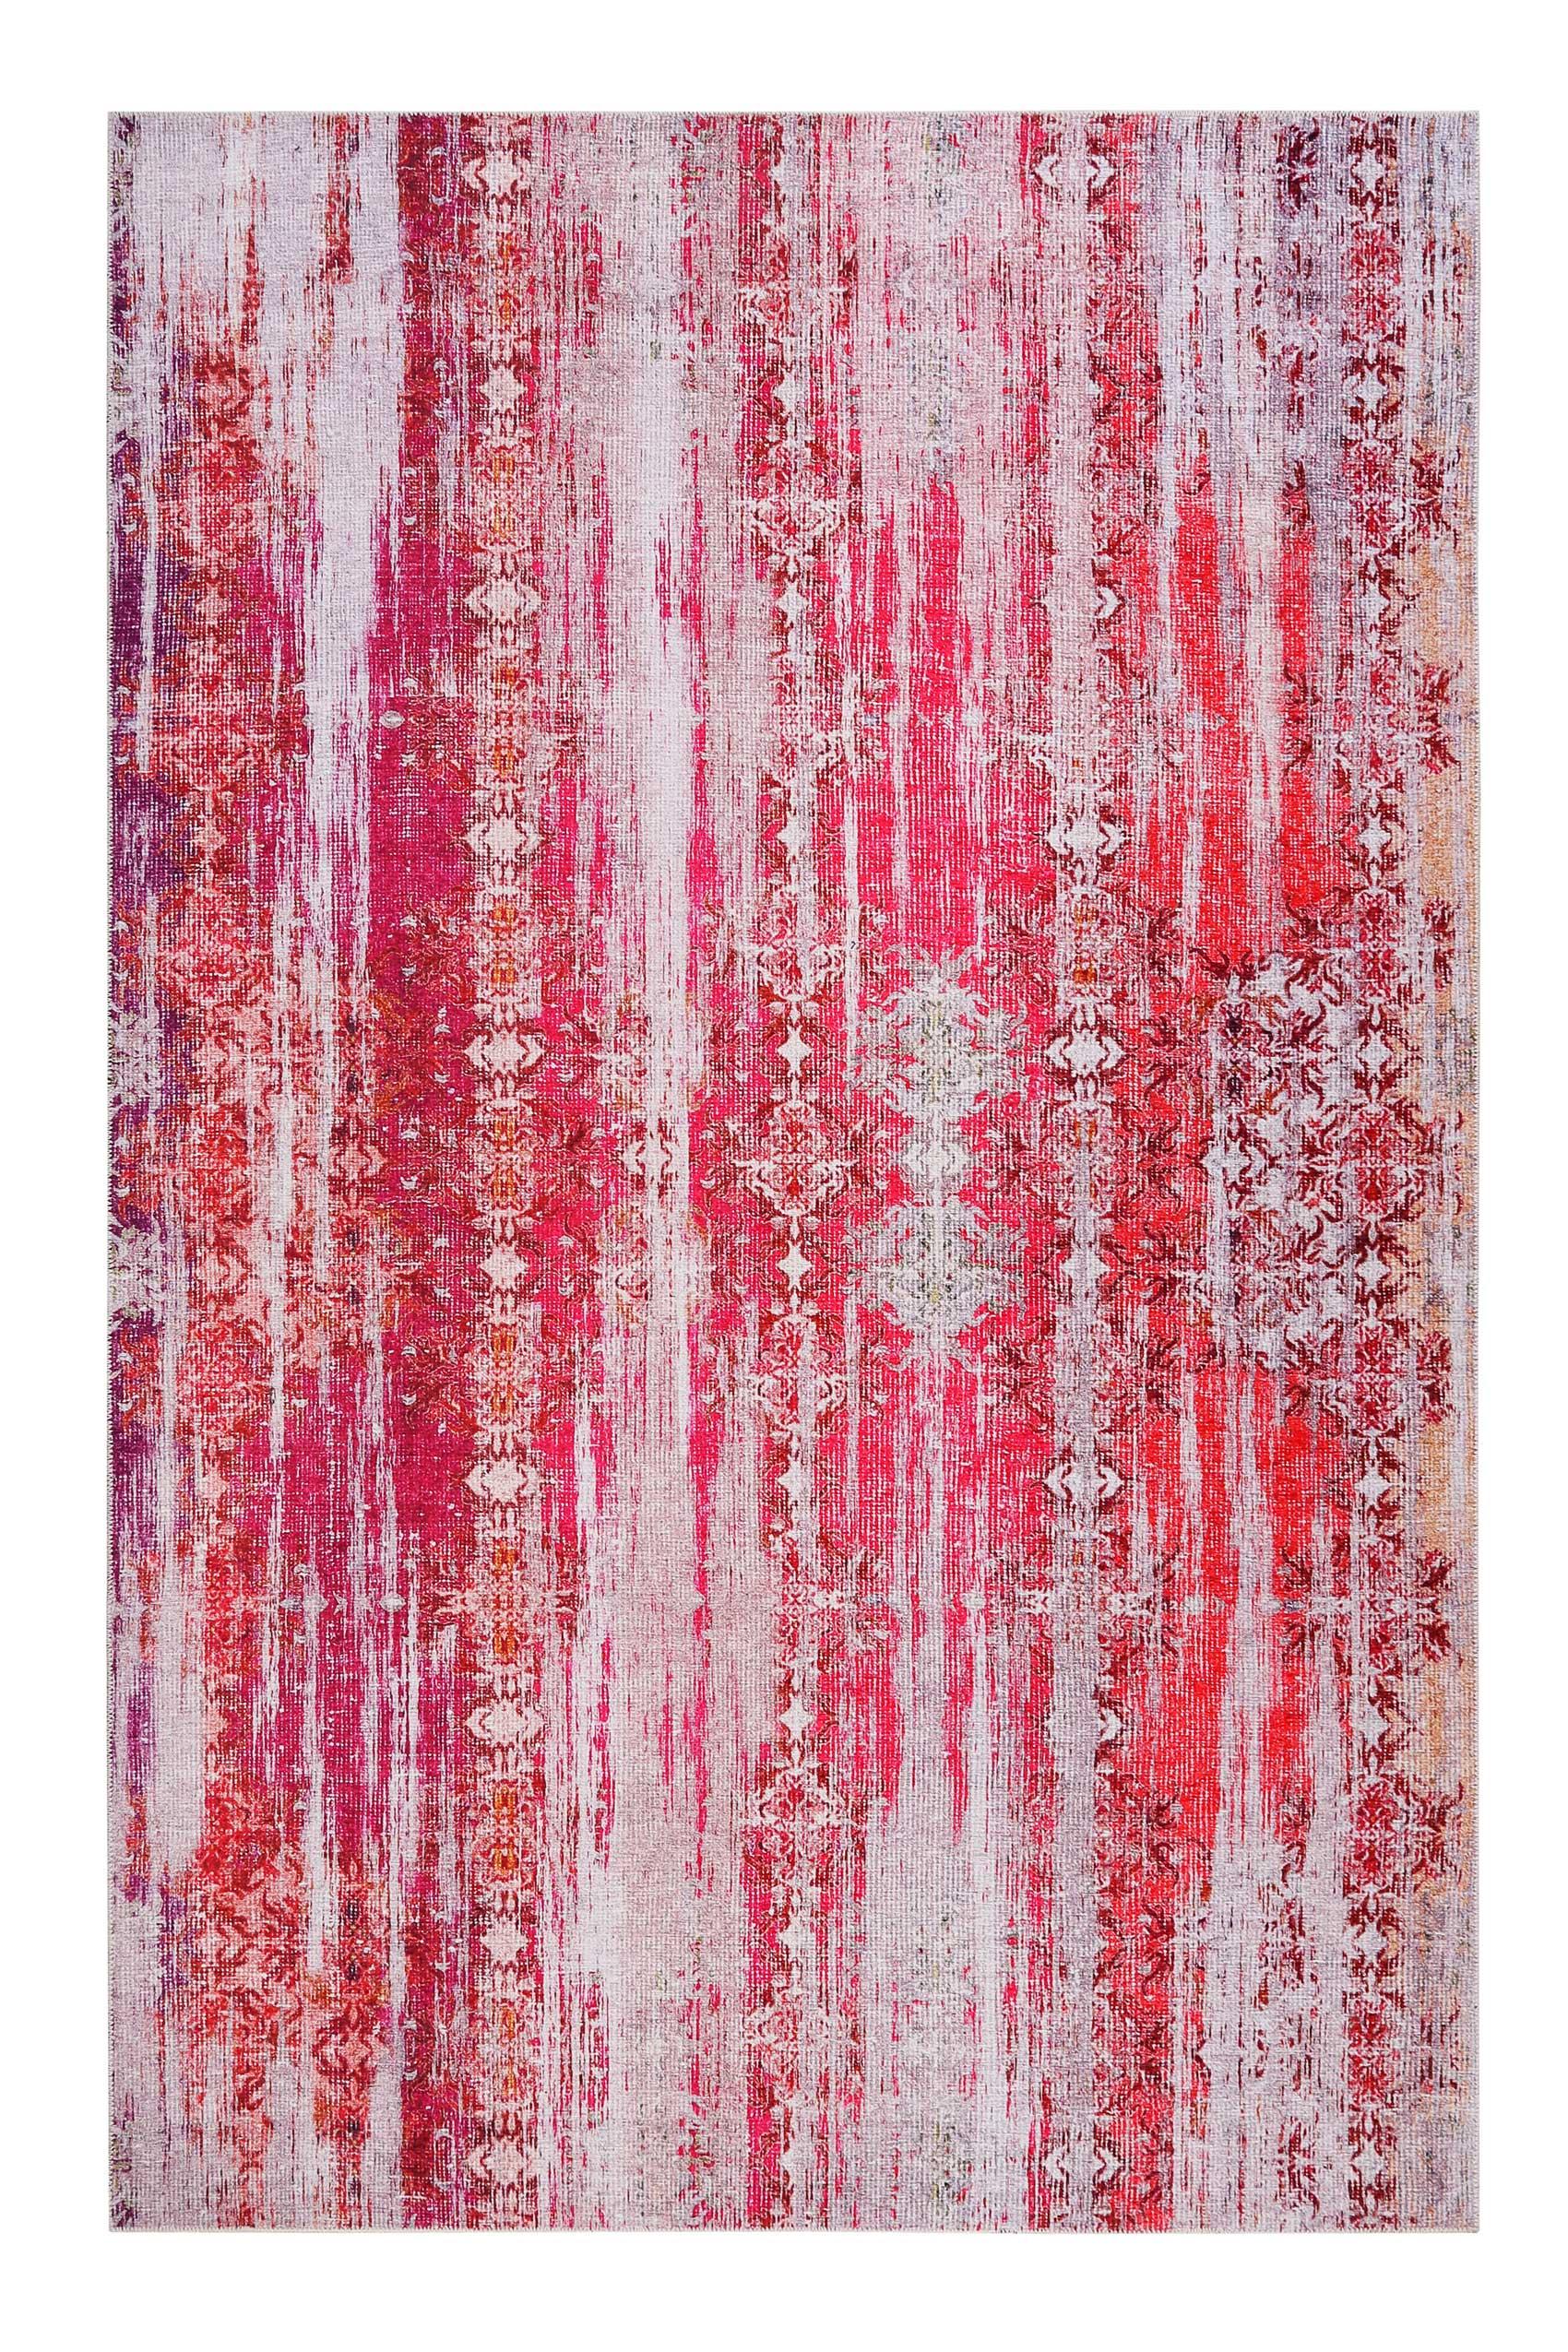 Tapis plat motif vintage rose orangé pour une déco bohème 230x160